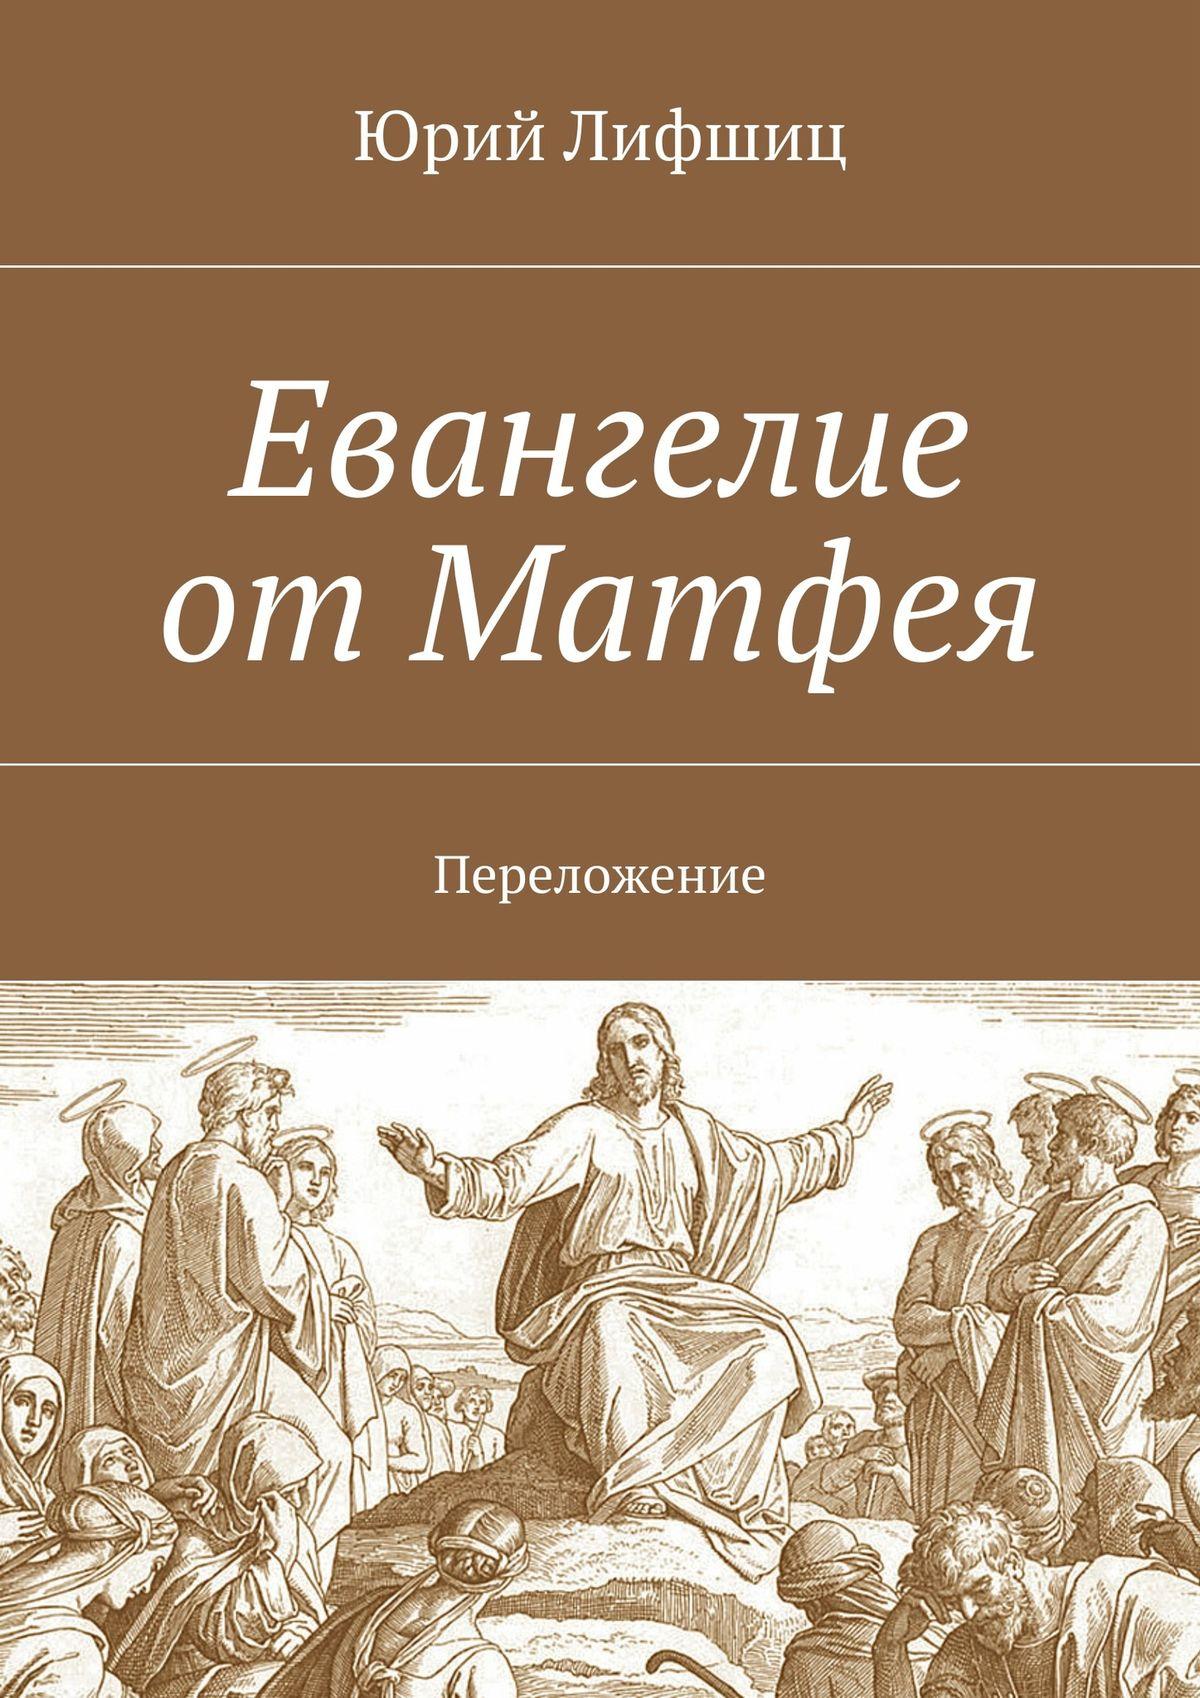 Юрий Лифшиц Евангелие отМатфея. Переложение